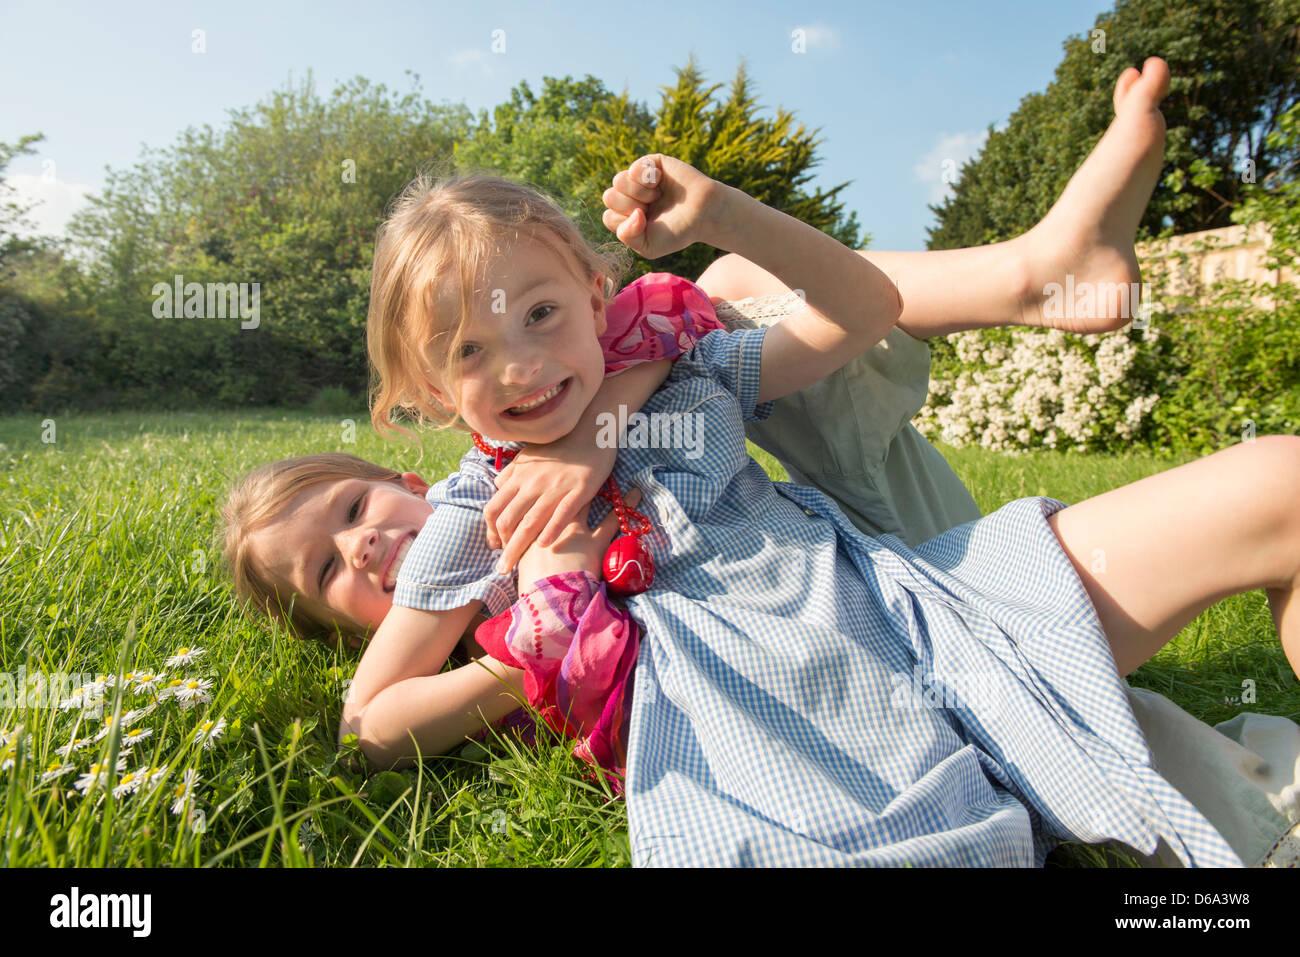 Mädchen spielen zusammen in der Wiese Stockfoto